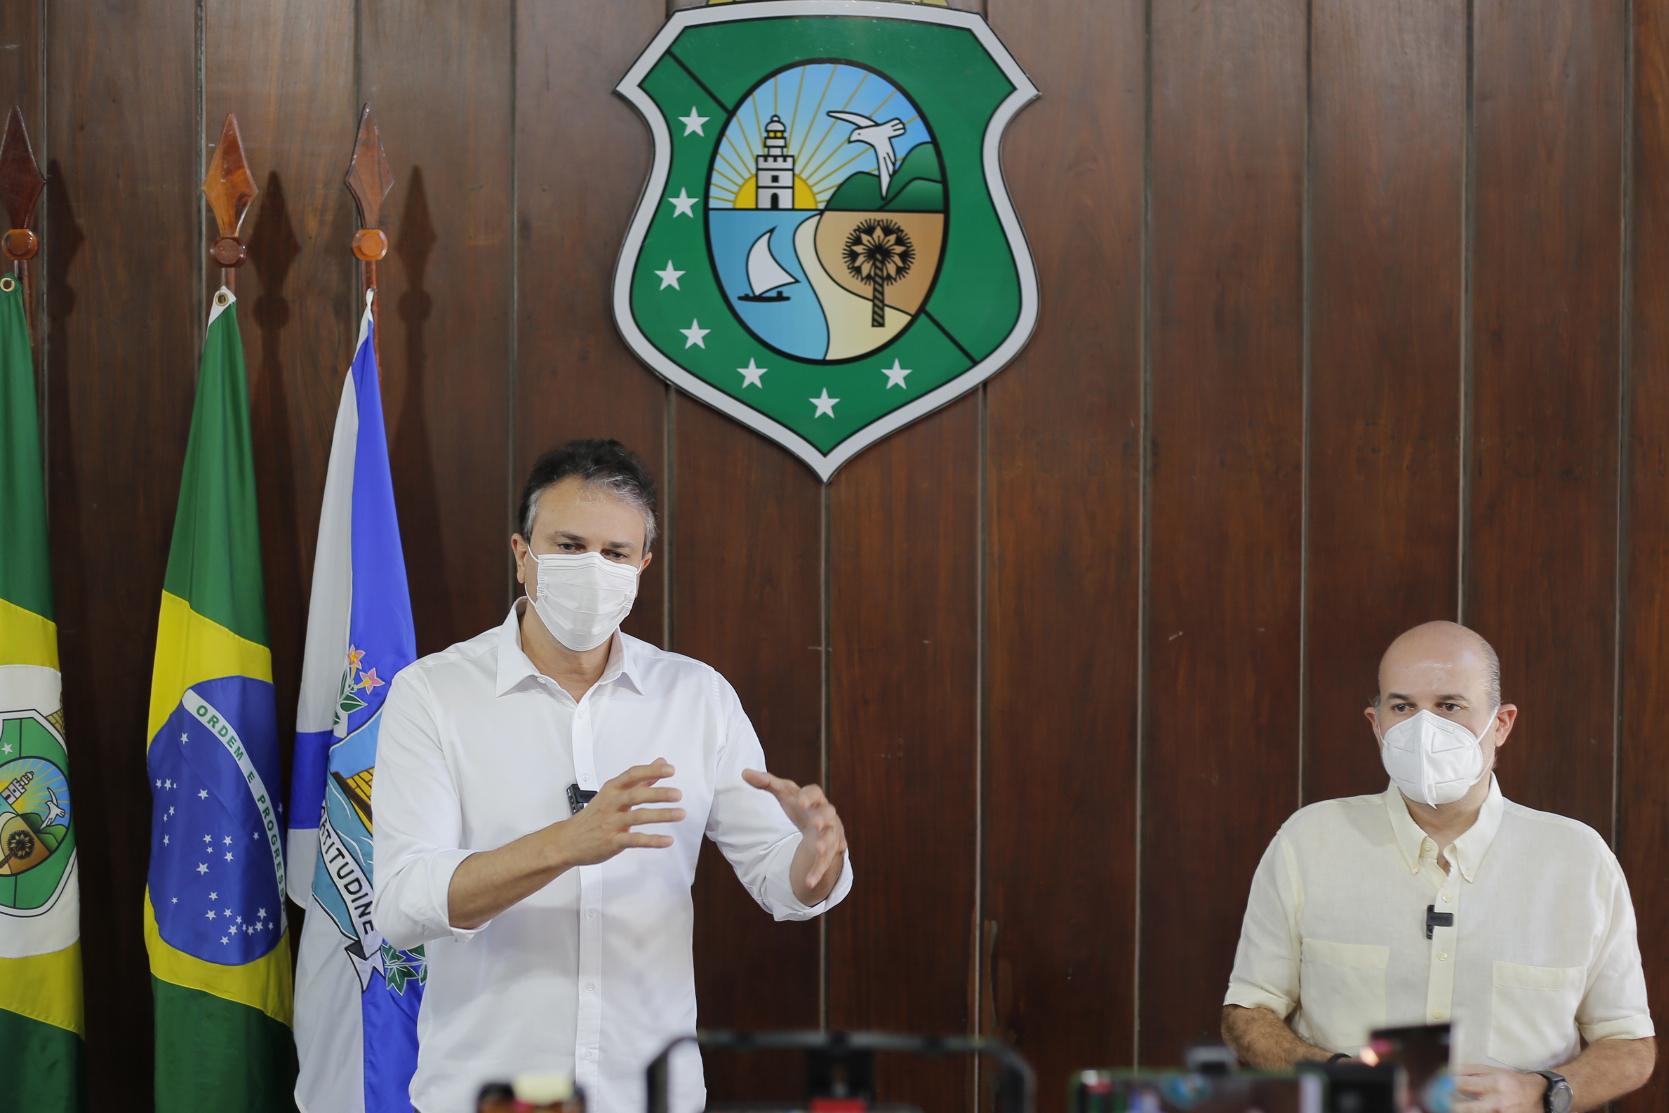 Governo do Ceará renova decreto de isolamento social e Fortaleza passa para 3ª fase de retomada econômica, mas com restrições